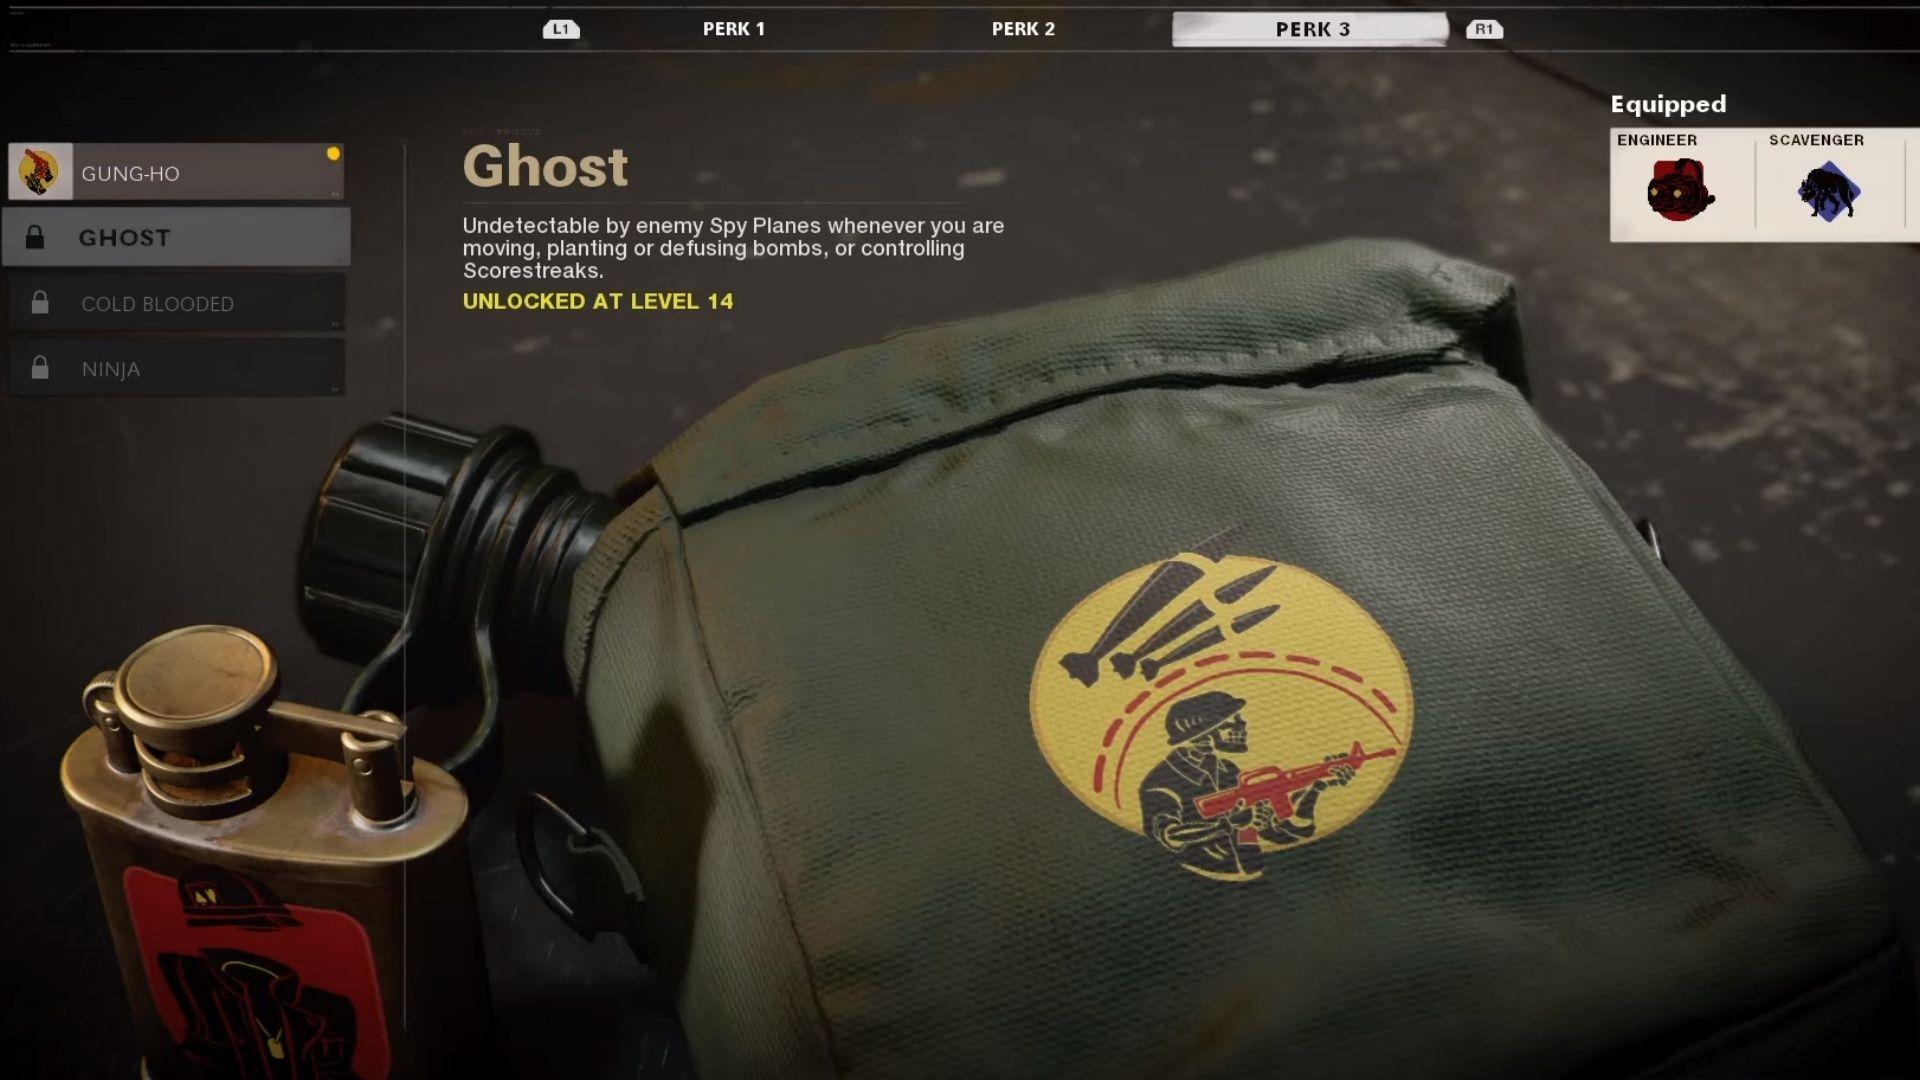 ghost perk in black ops cold war